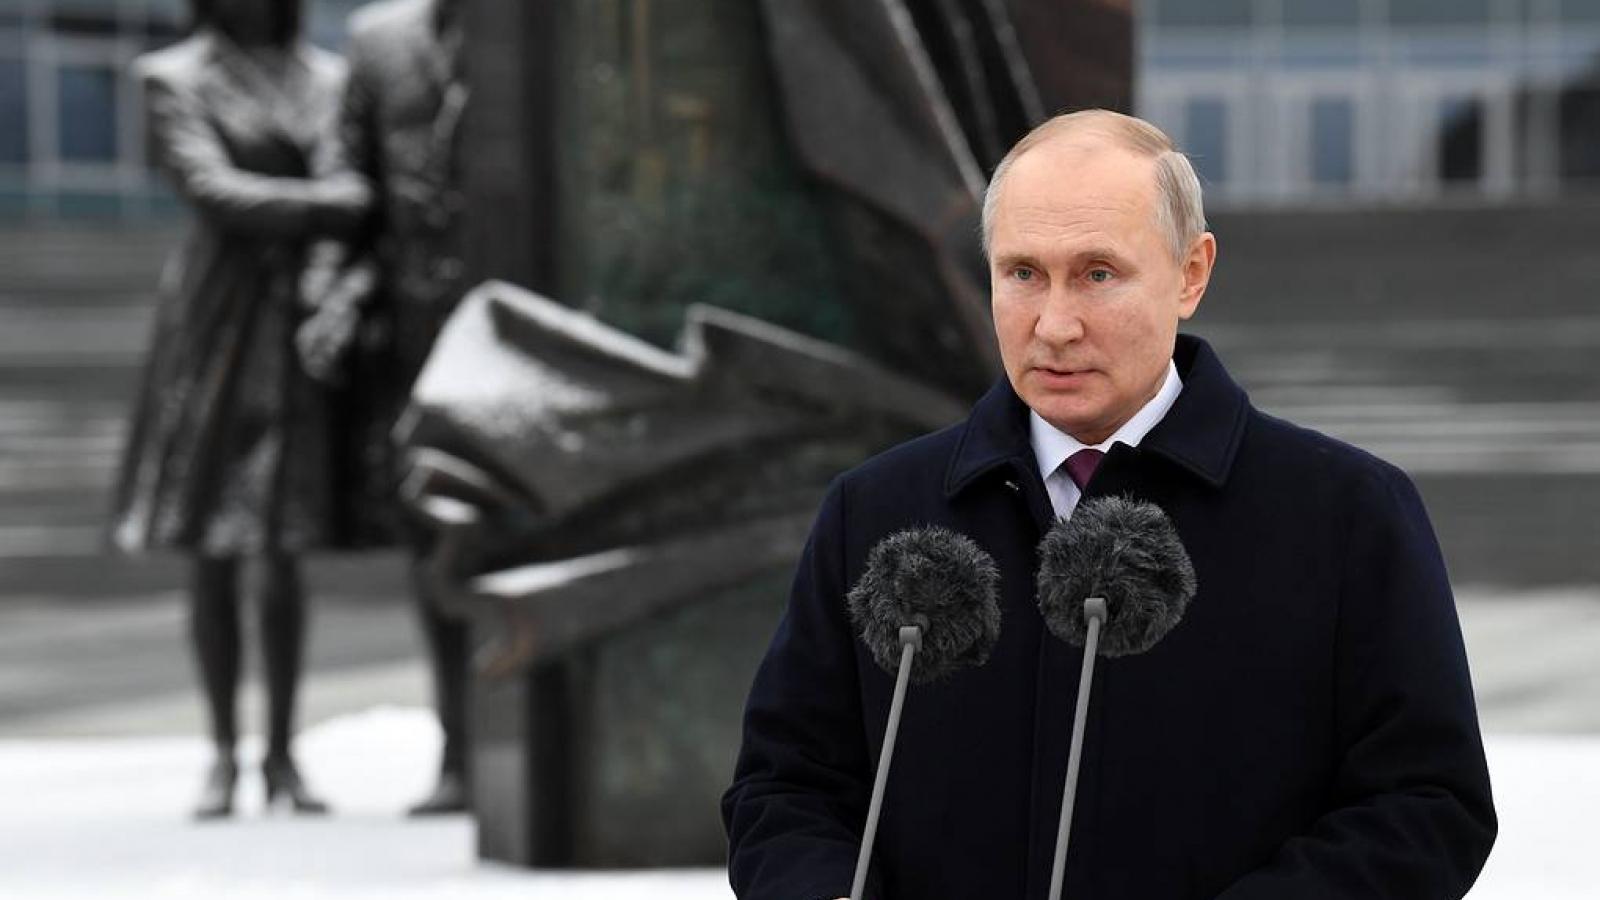 Bảo vệ hiệu quả biên giới Nga trước các nguy cơ xung đột âm ỉ ở các nước láng giềng